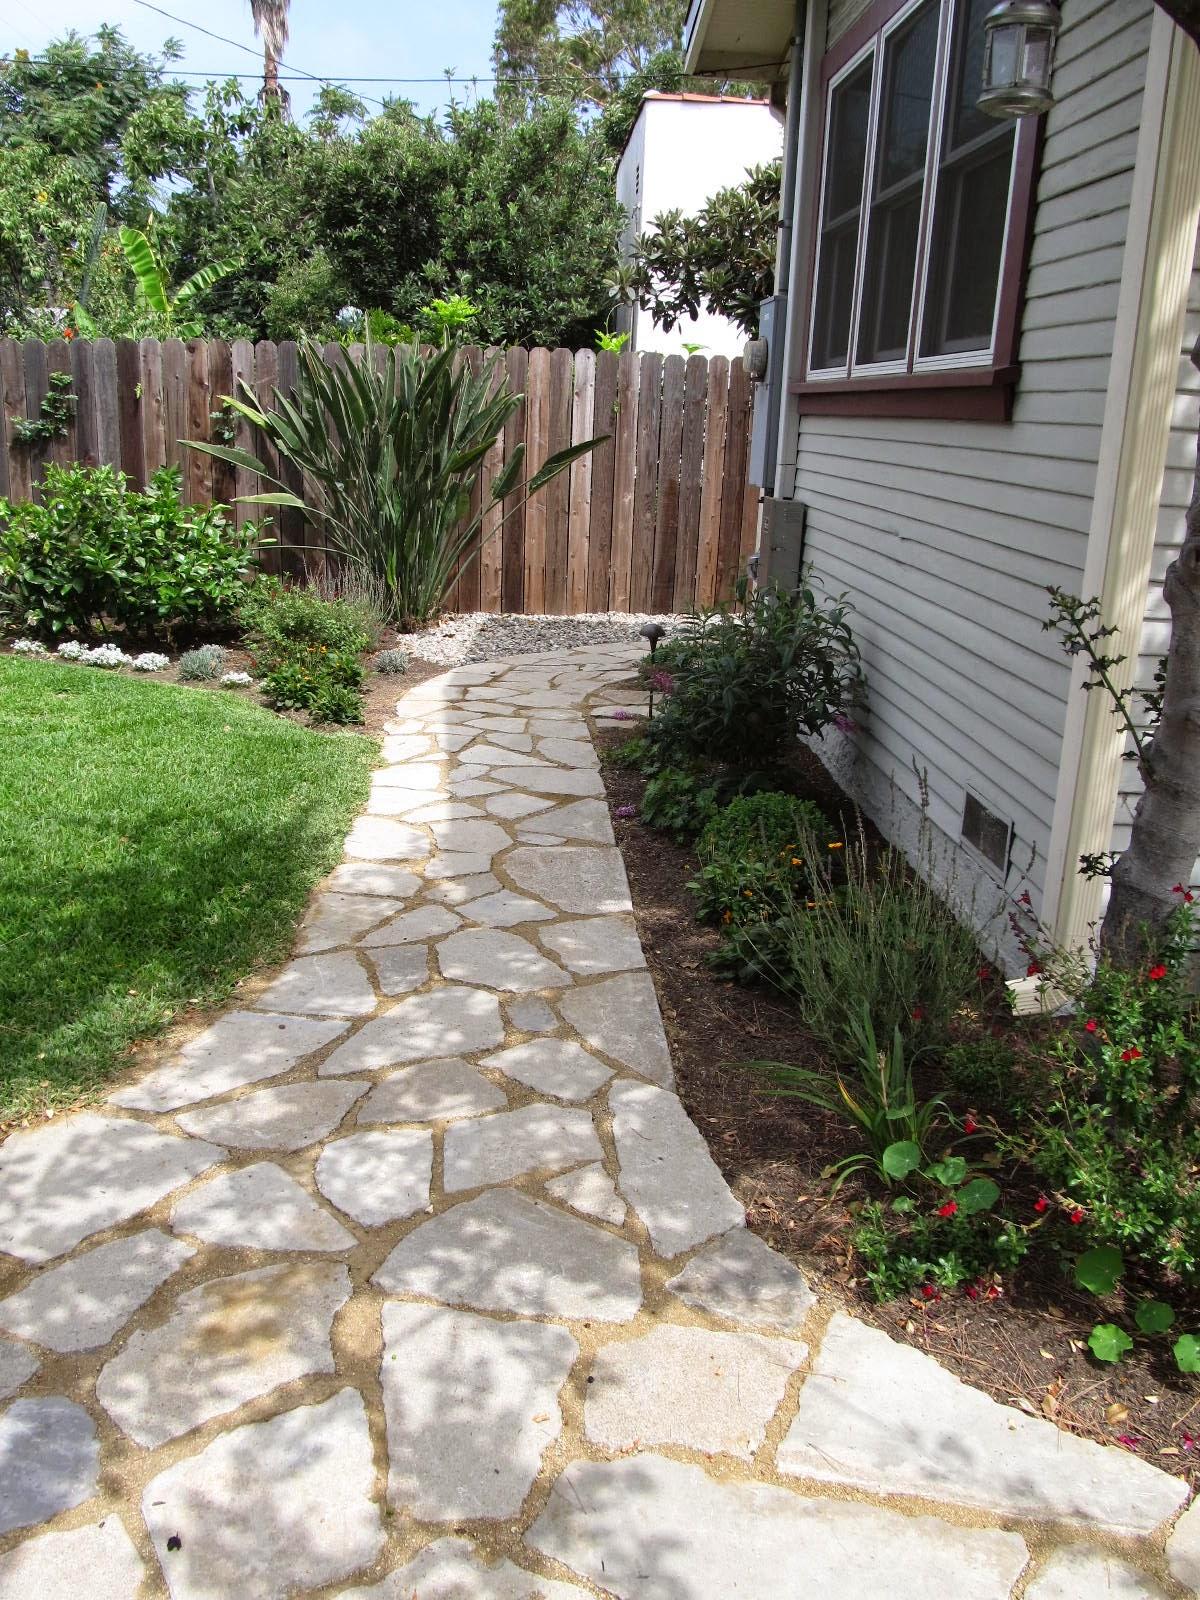 Pathways amp steppers sisson landscapes - Affordable Fairy Yardmother Landscape Design Broken Pathways With Landscape Pathways